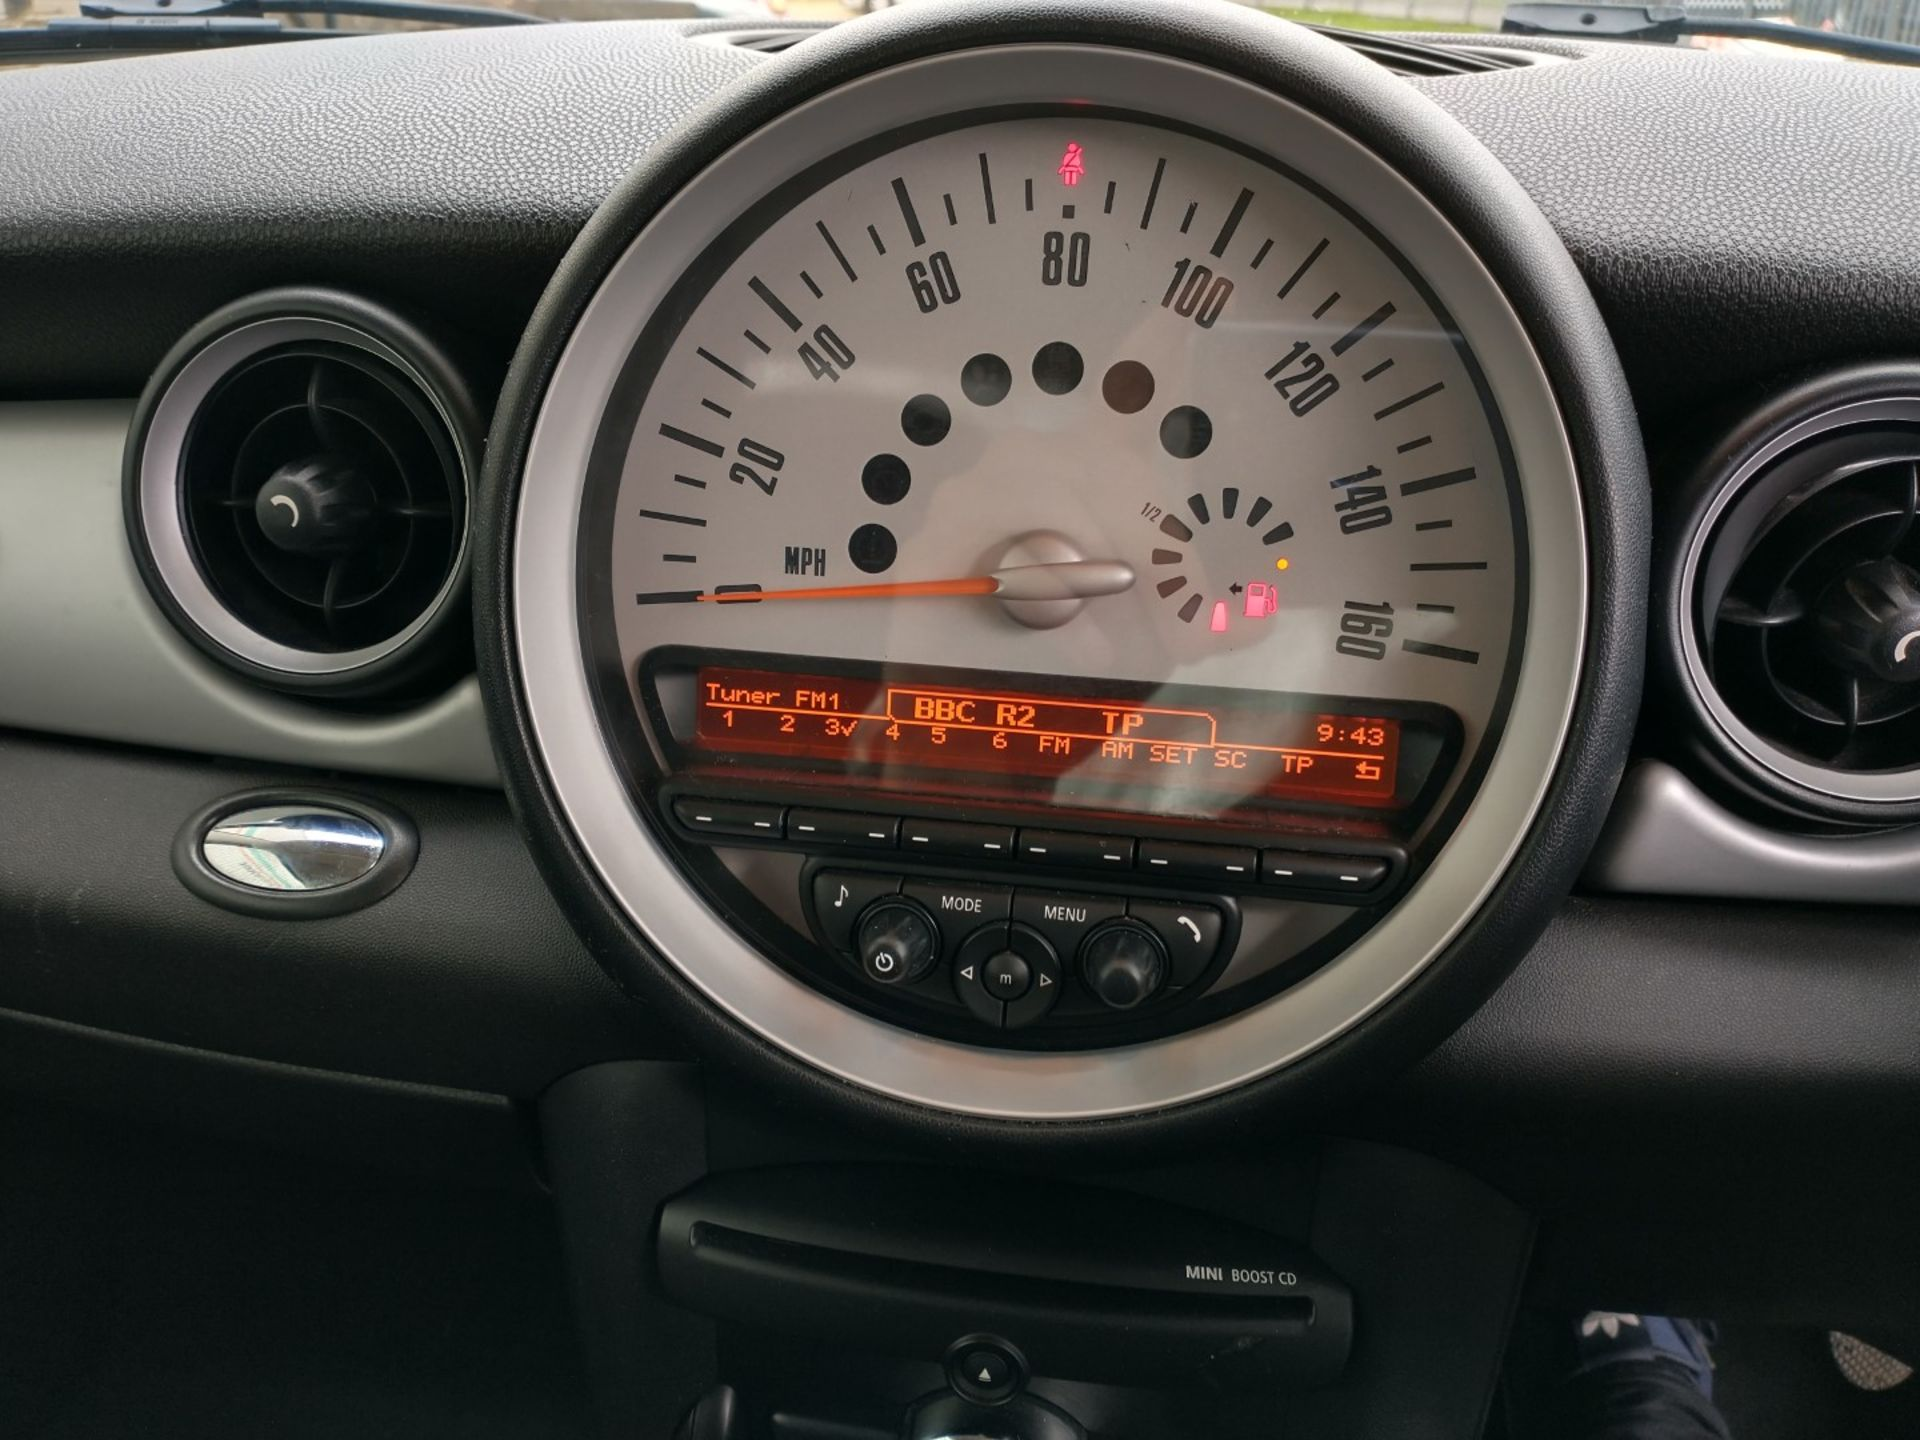 2012 Mini Cooper D 1.6 3Dr Hatchback - CL505 - NO VAT ON THE HAMM - Image 12 of 15